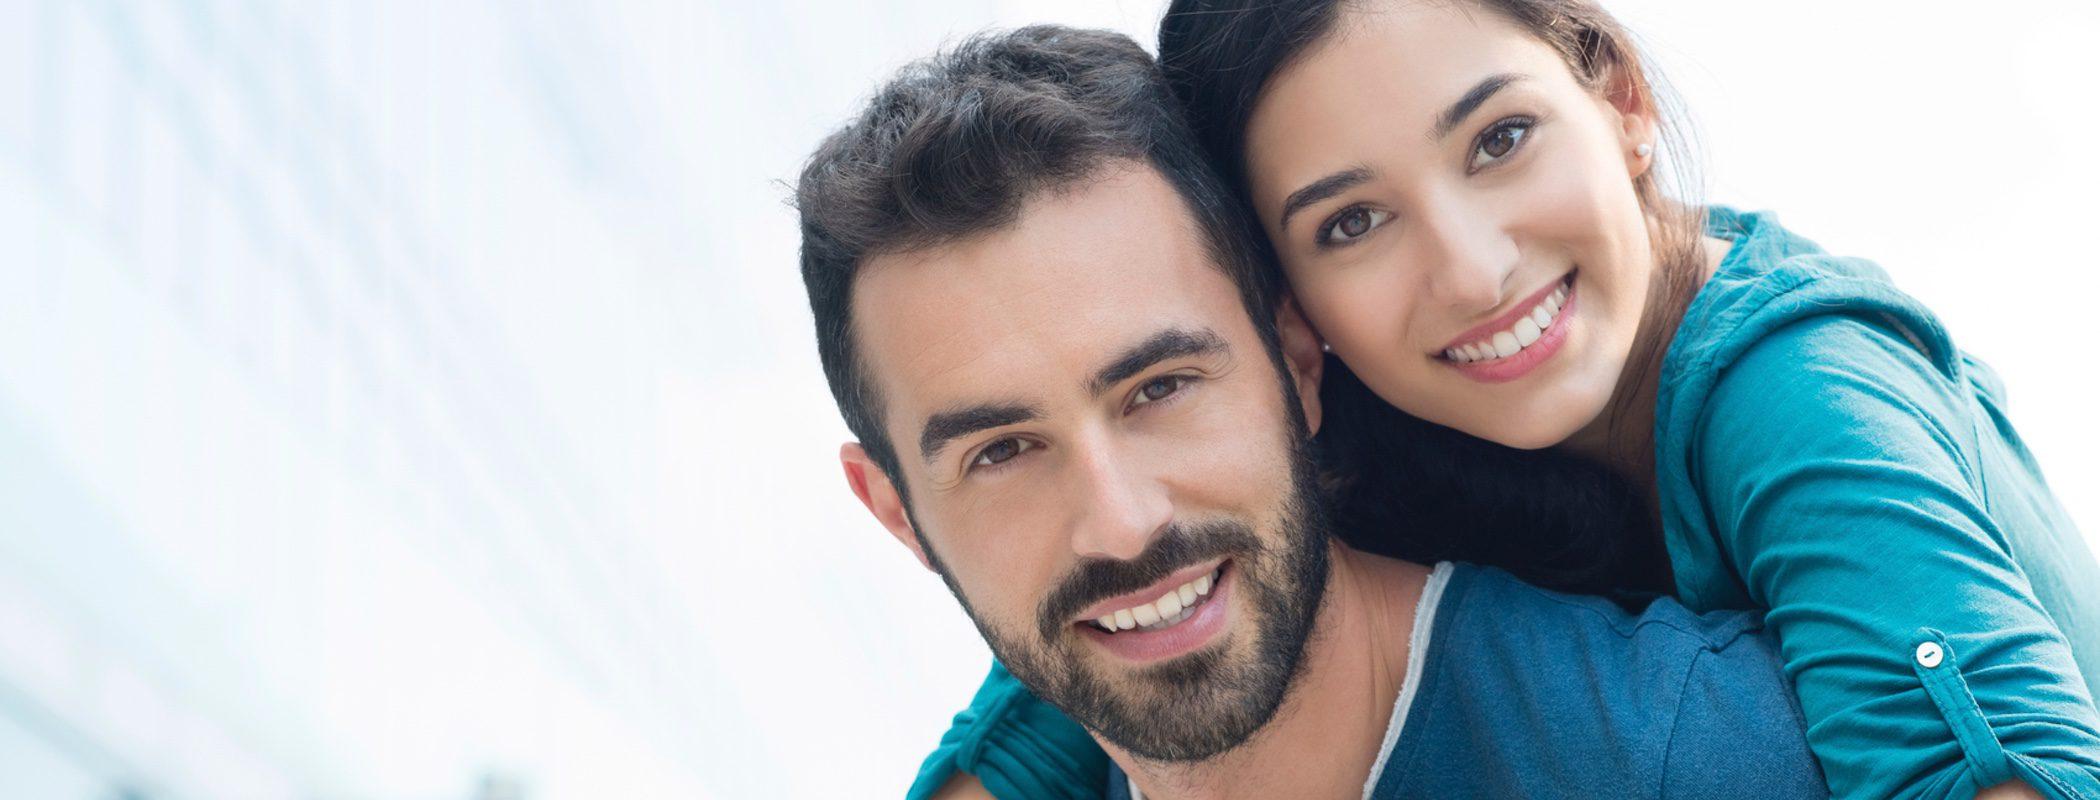 ¿Qué es y cómo sé si siento la magia del amor en mi relación de pareja?